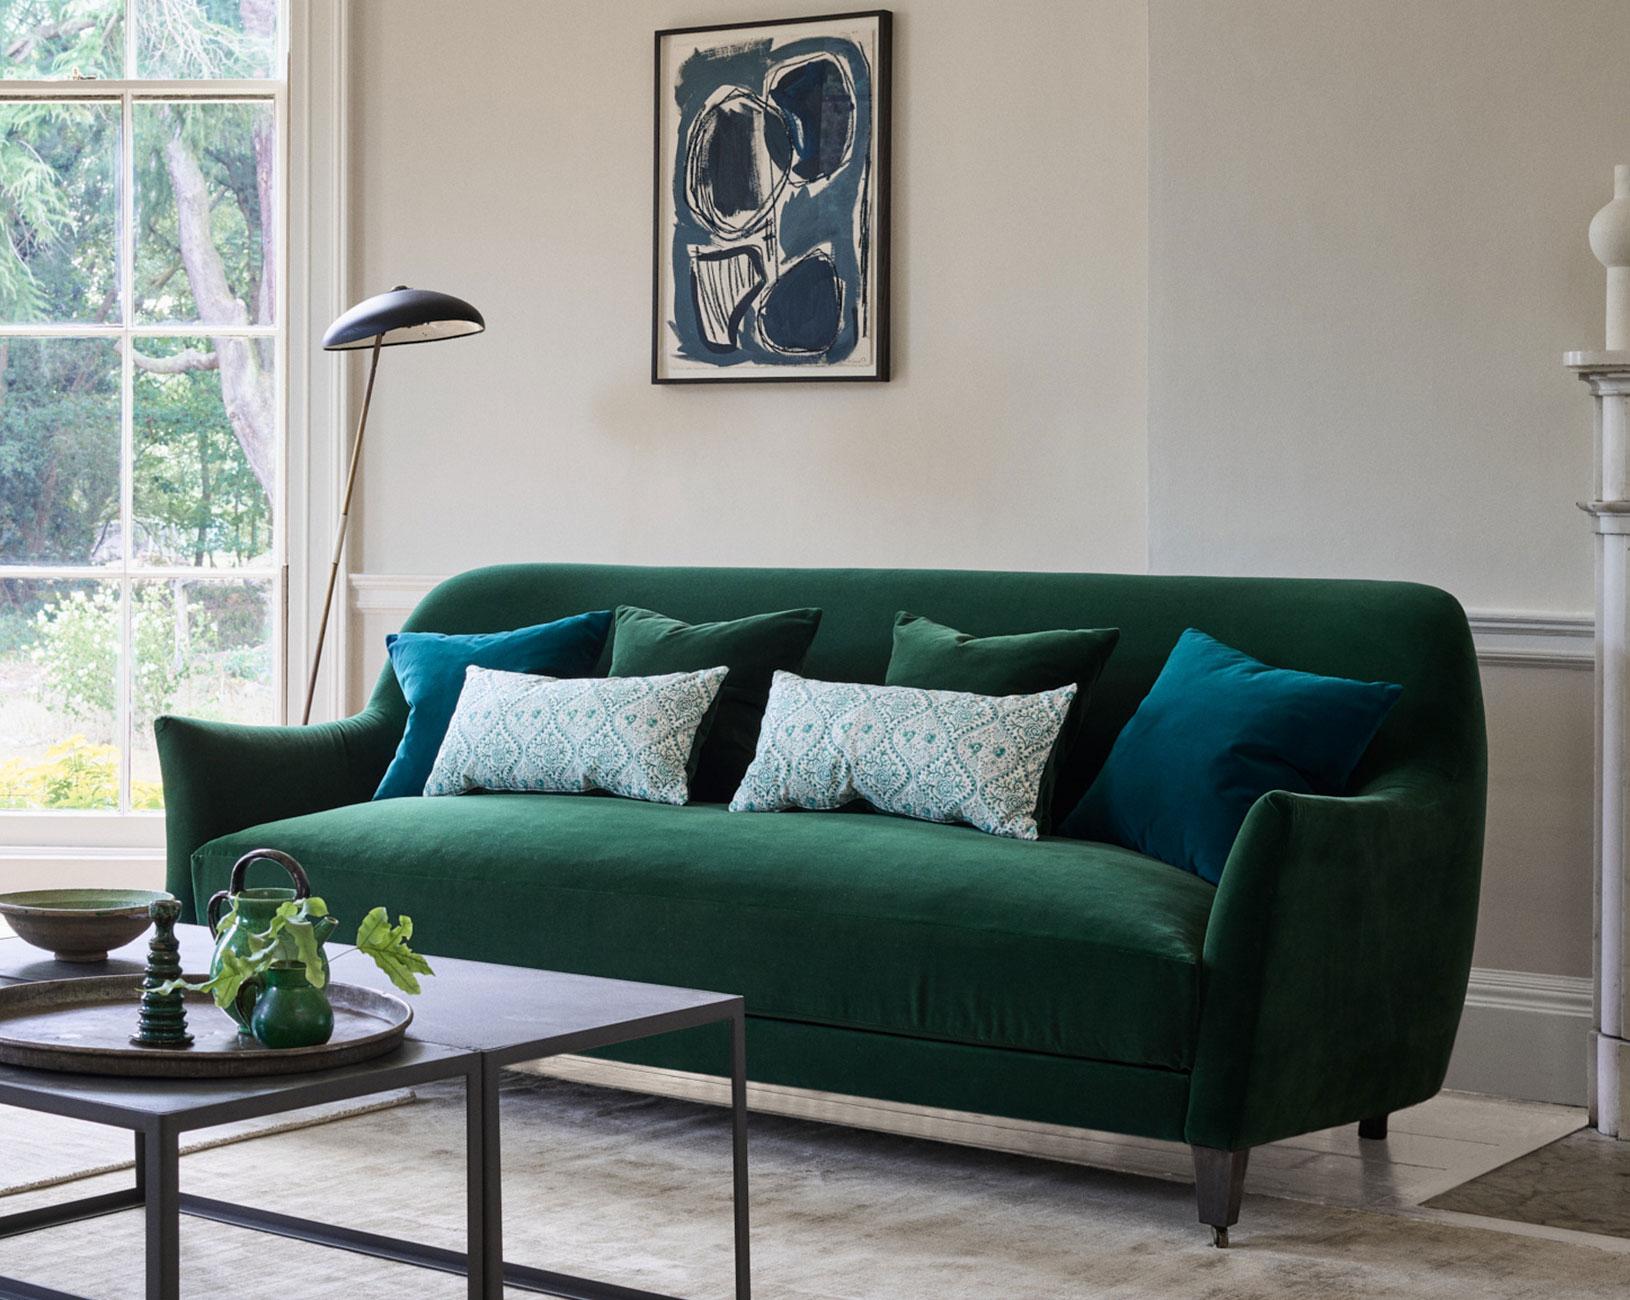 bloomsbury sofa